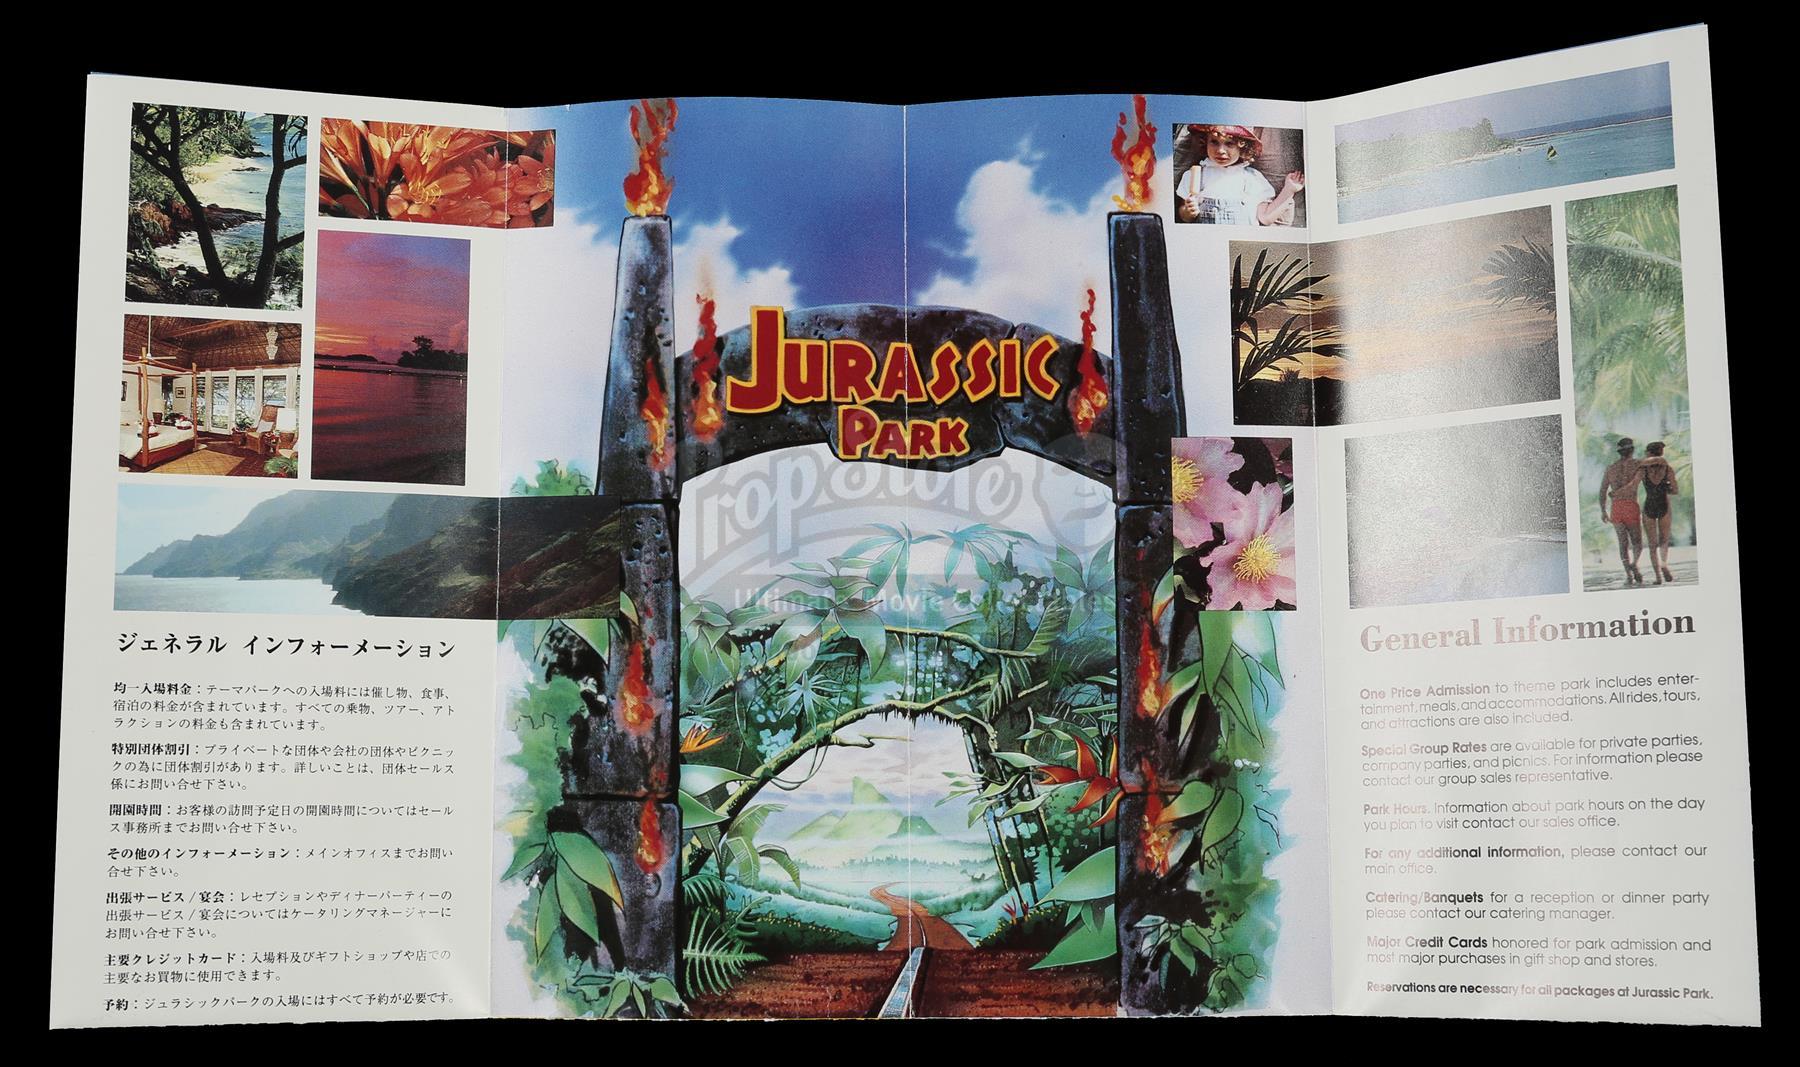 Jurassic Park 1993 Jurassic Park Visitor Brochure